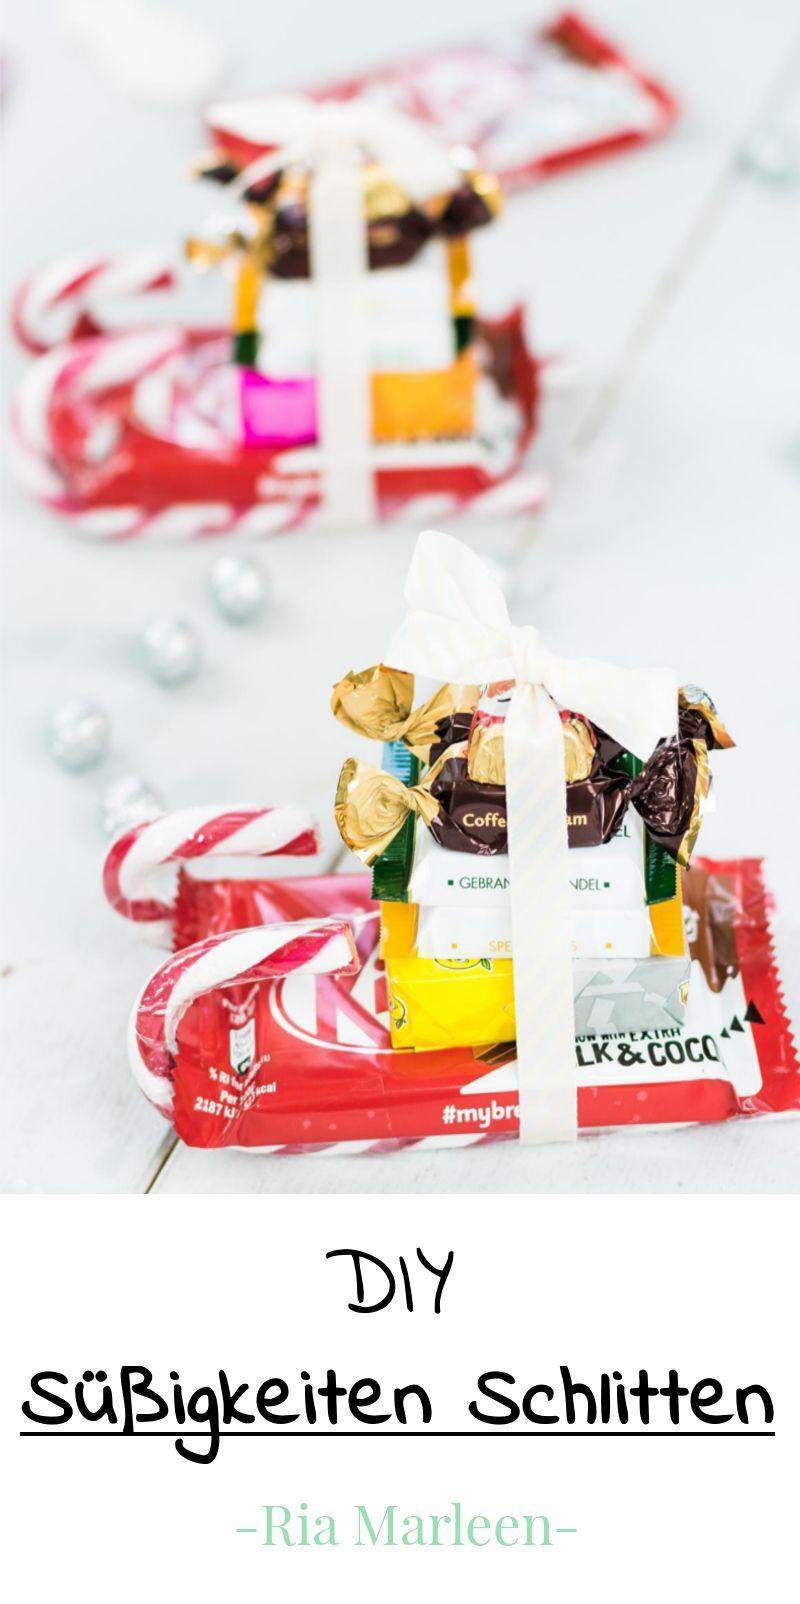 DIY Süßigkeiten Schlitten basteln - schnelle Last Minute ...